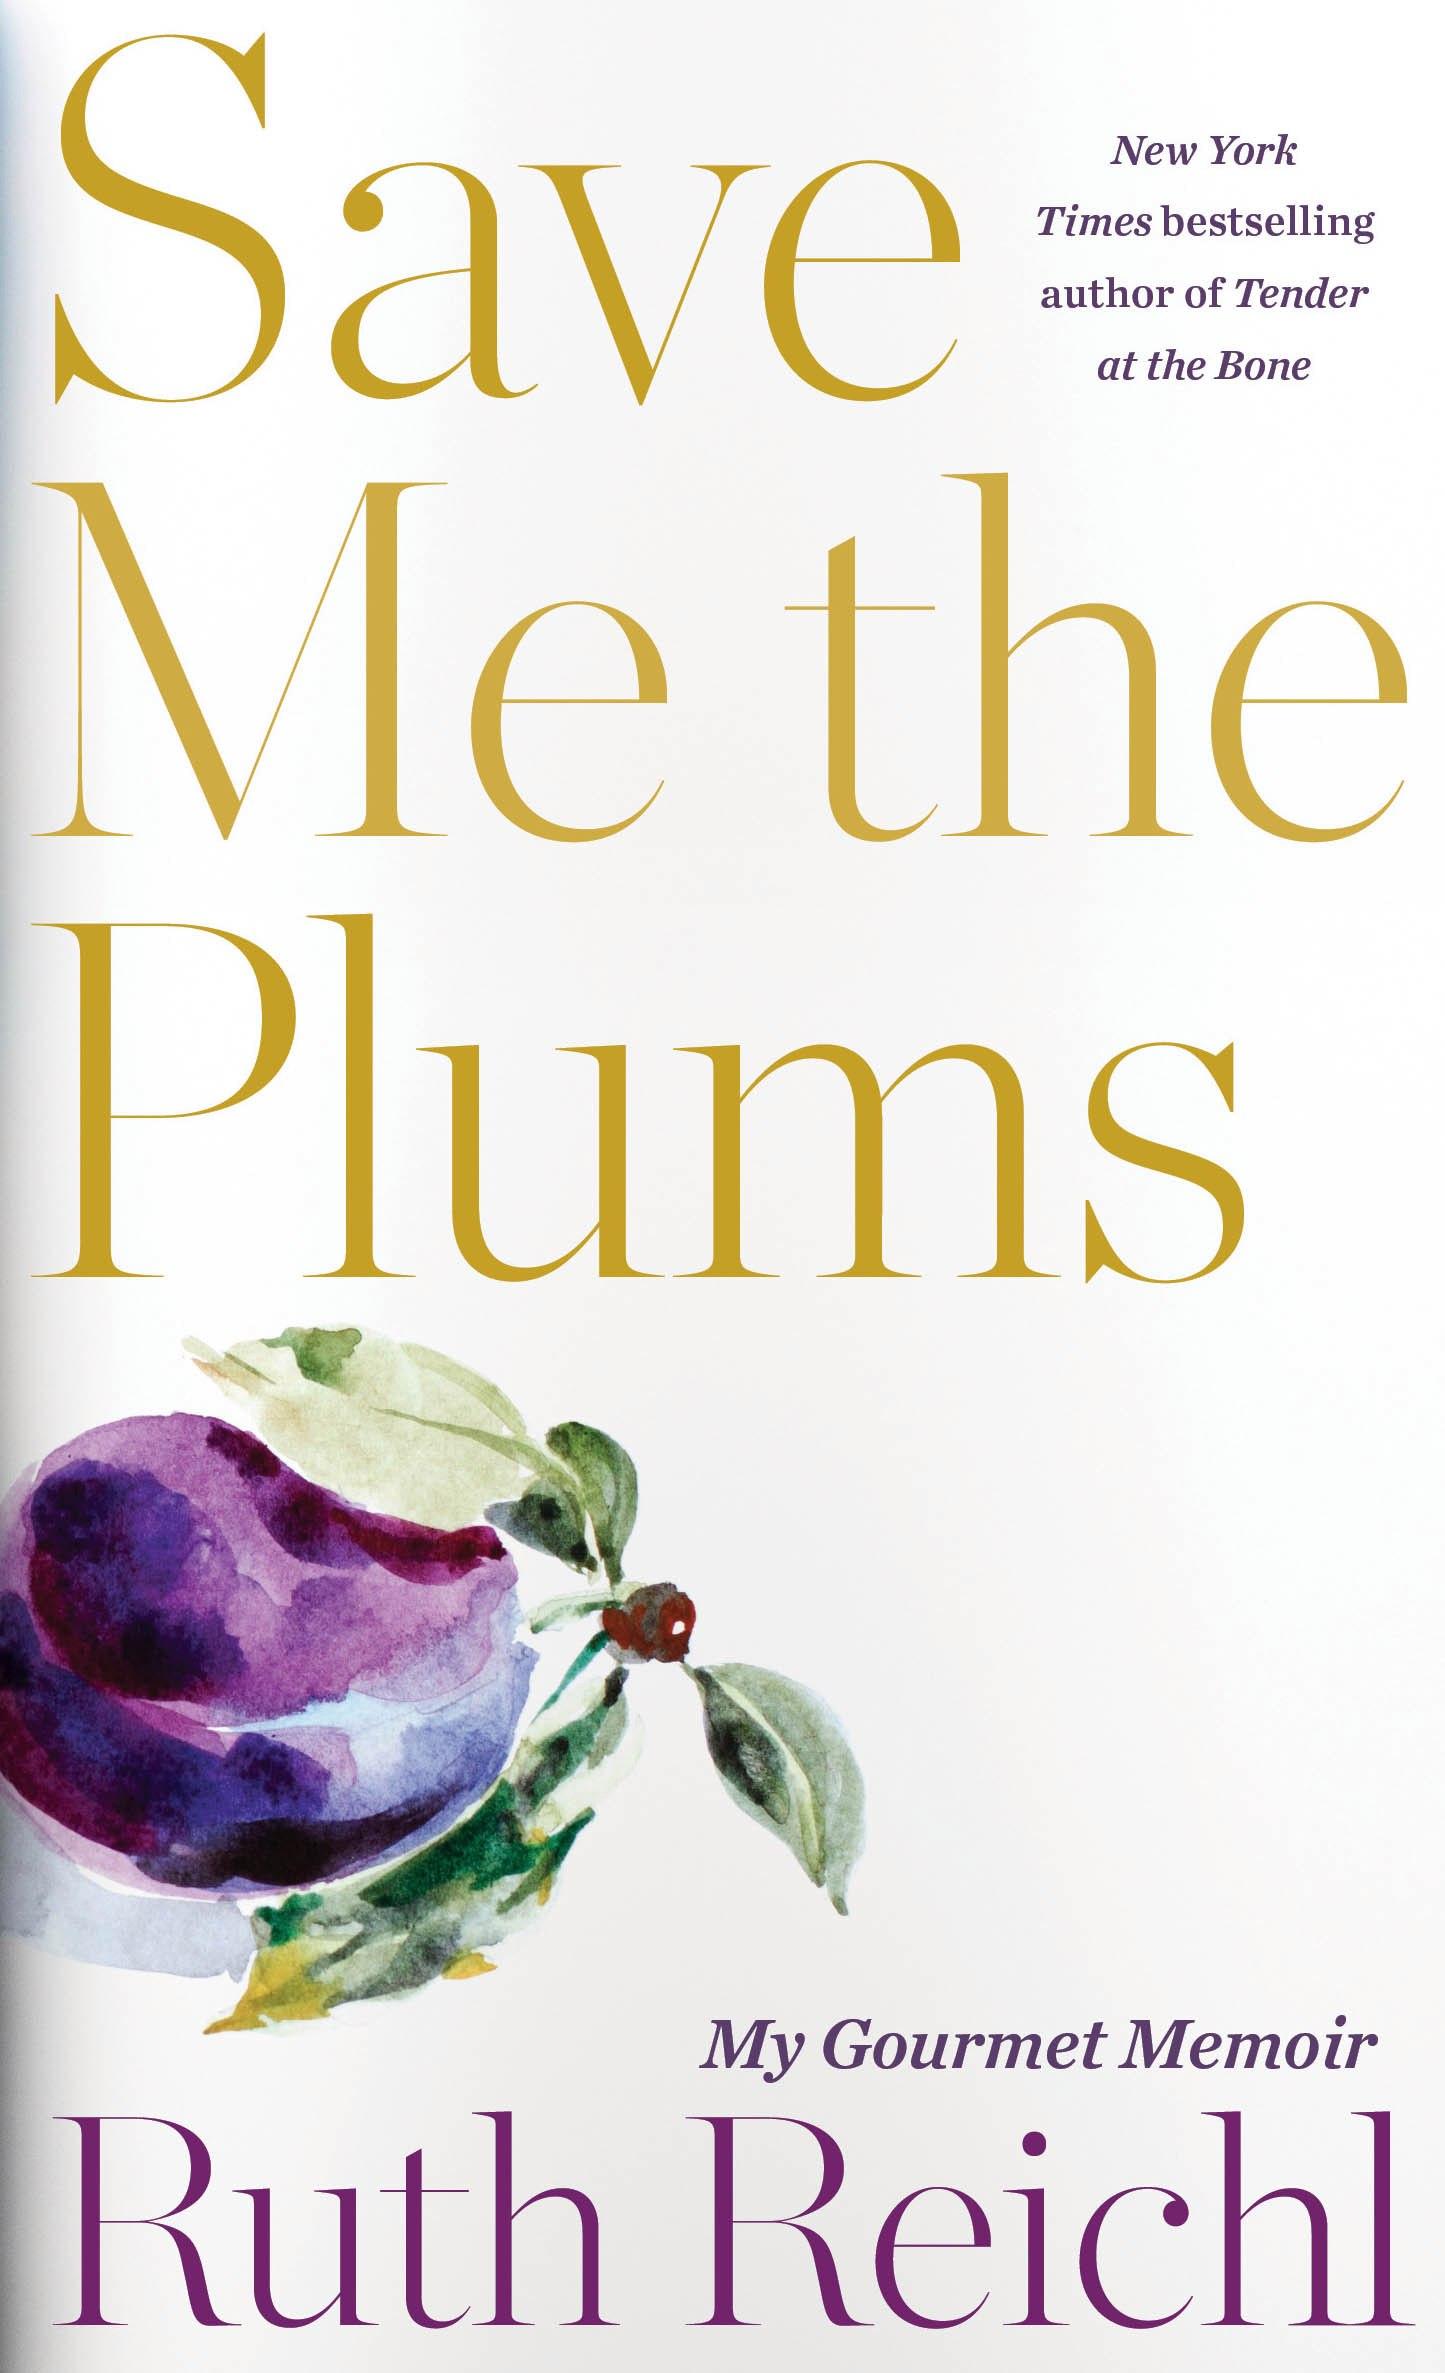 cuozzo-ruth-reichl-plums-1a.jpg